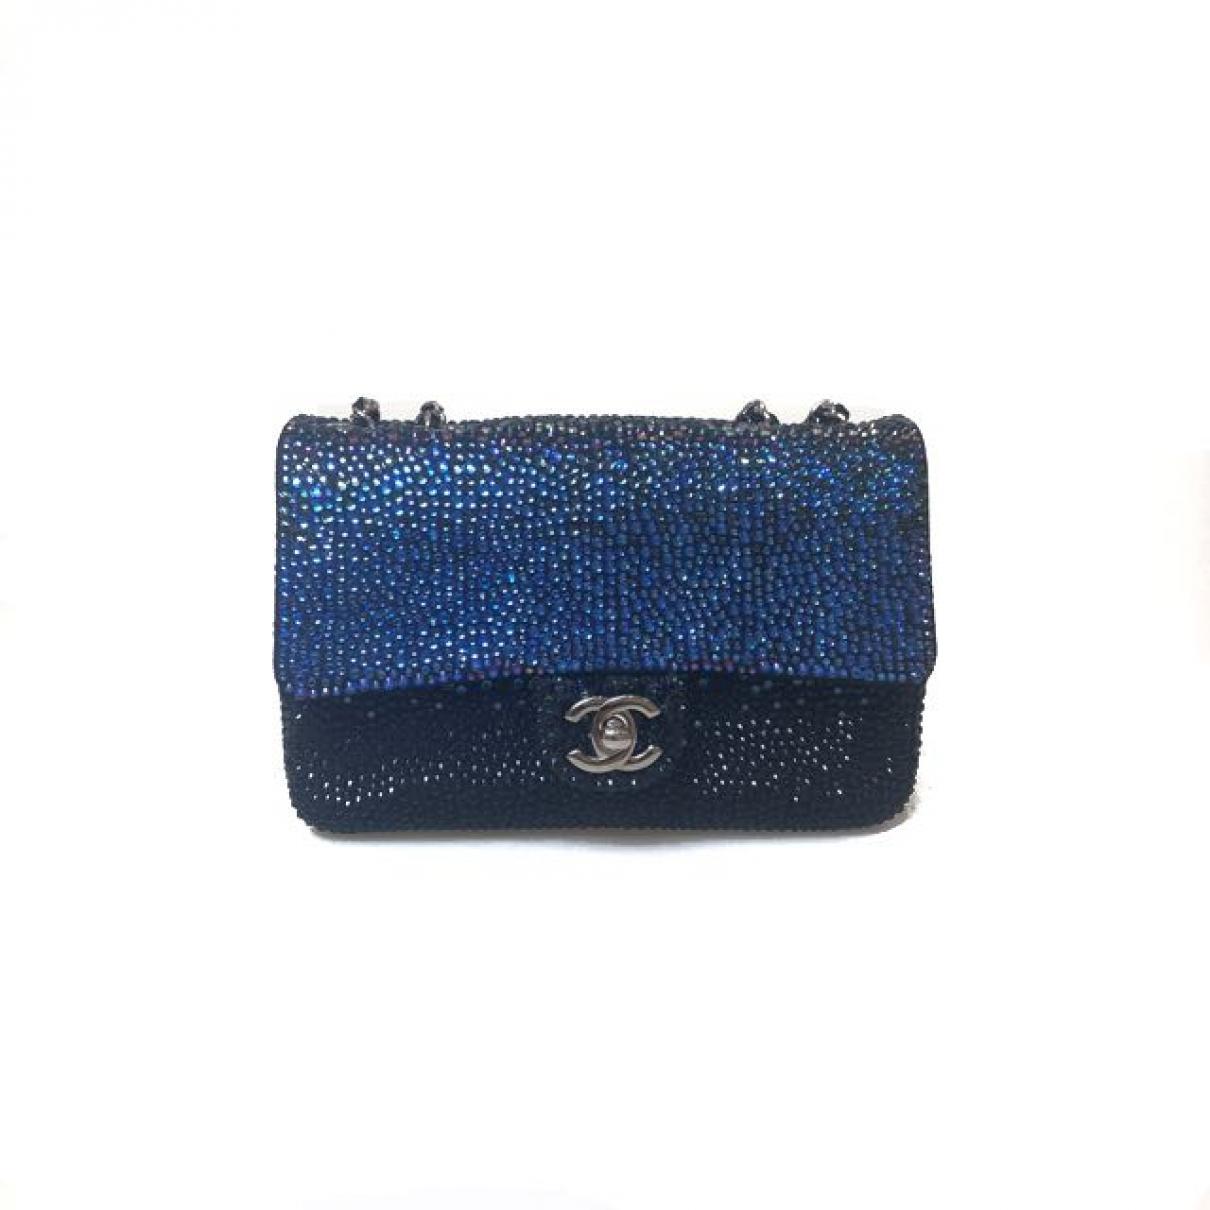 98d922e7df086b Chanel Timeless Glitter Handbag in Blue - Lyst